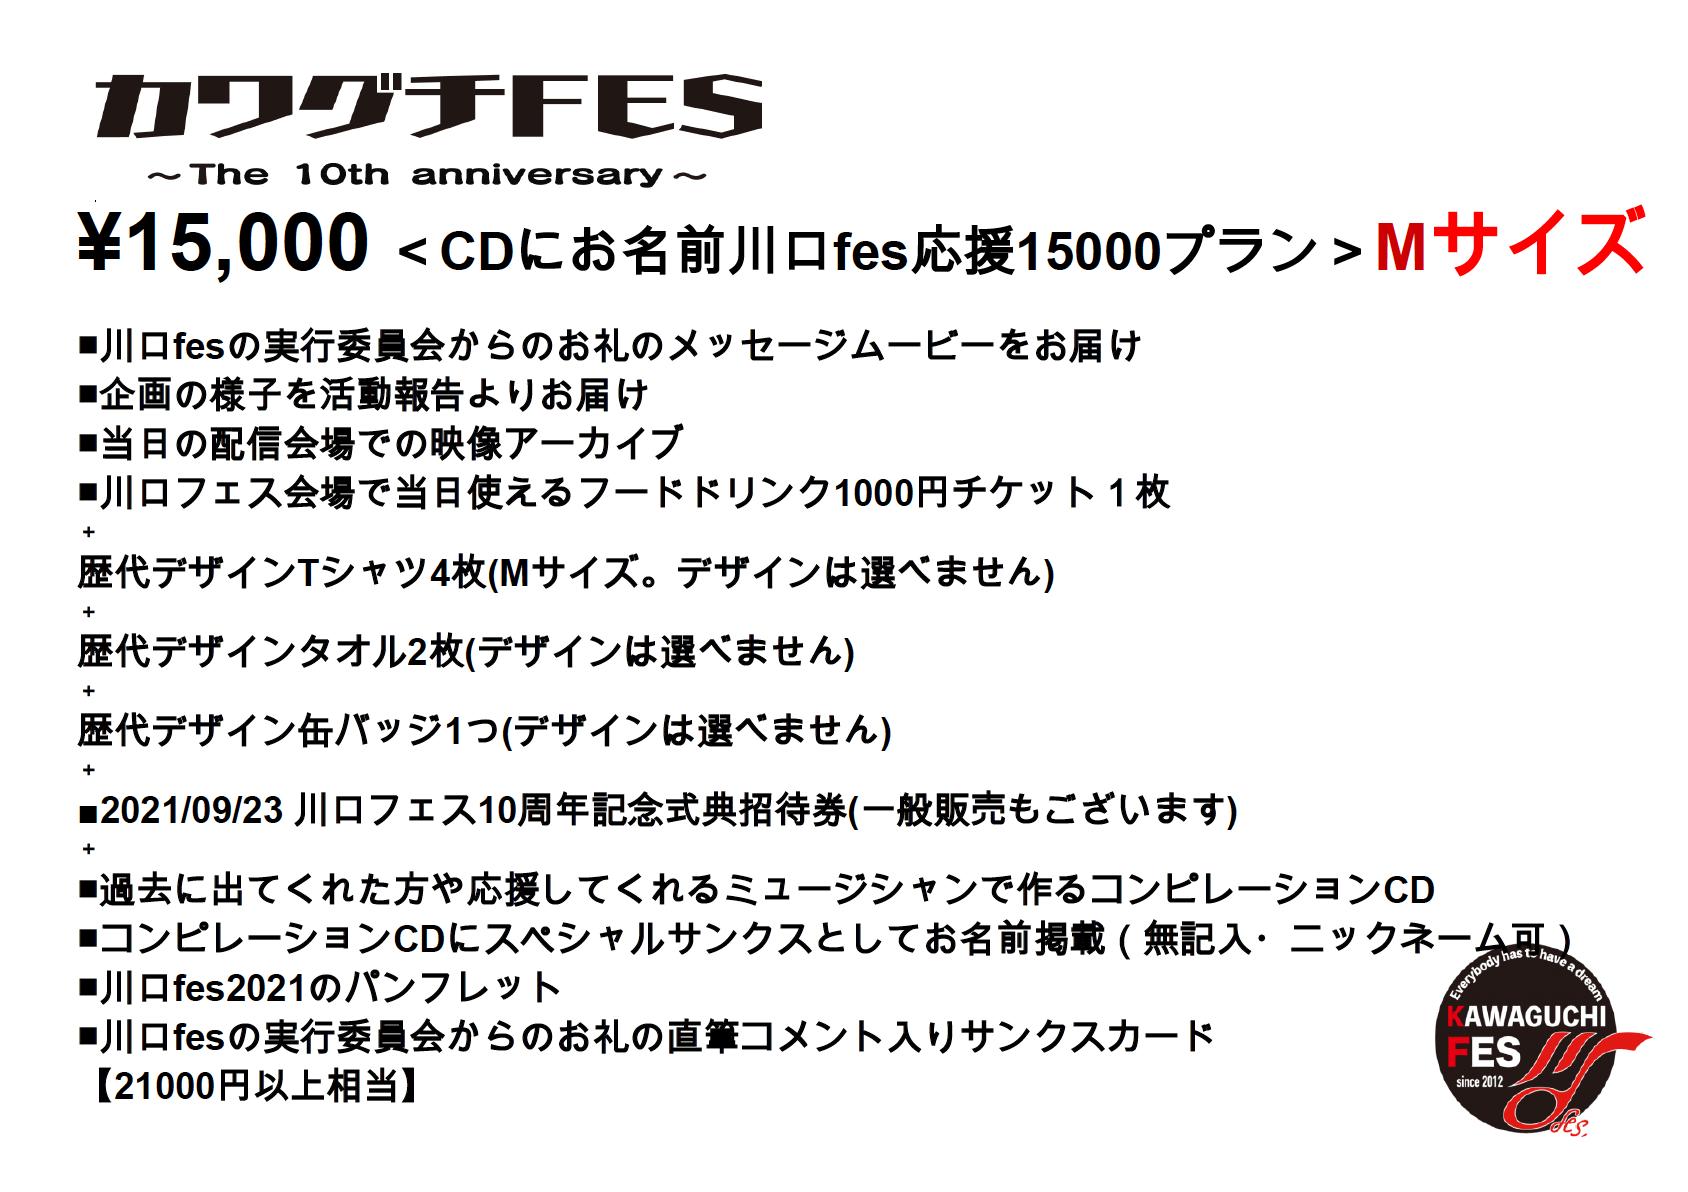 <CDにお名前川口フェス応援15000プラン Mサイズ>